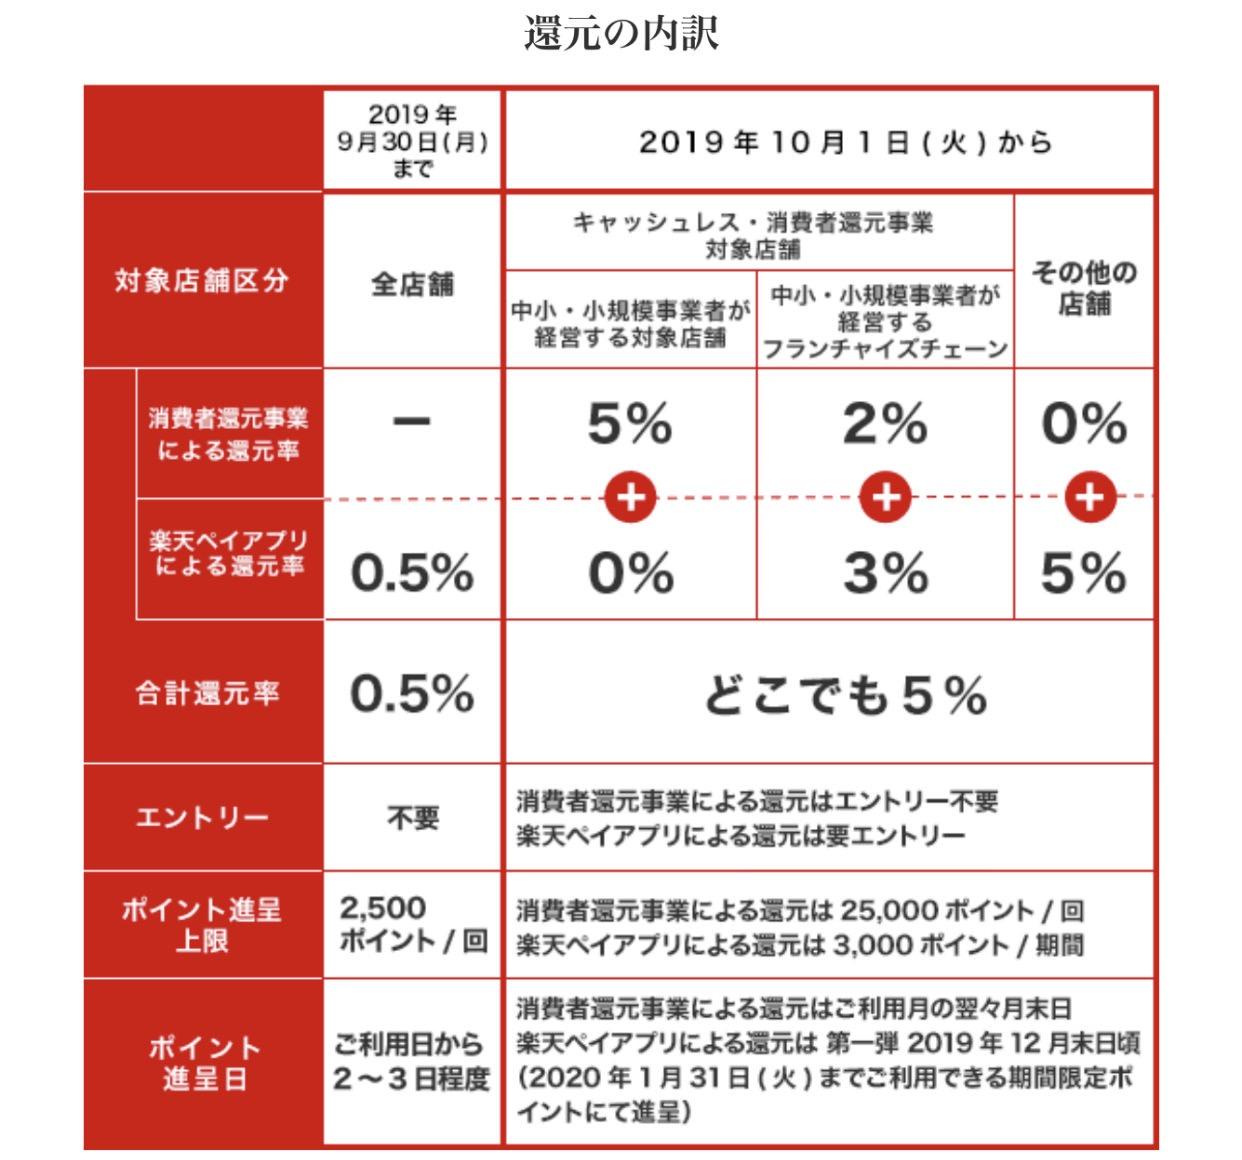 「楽天ペイ」導入全店舗で5%還元キャンペーンを開始(10/1から)